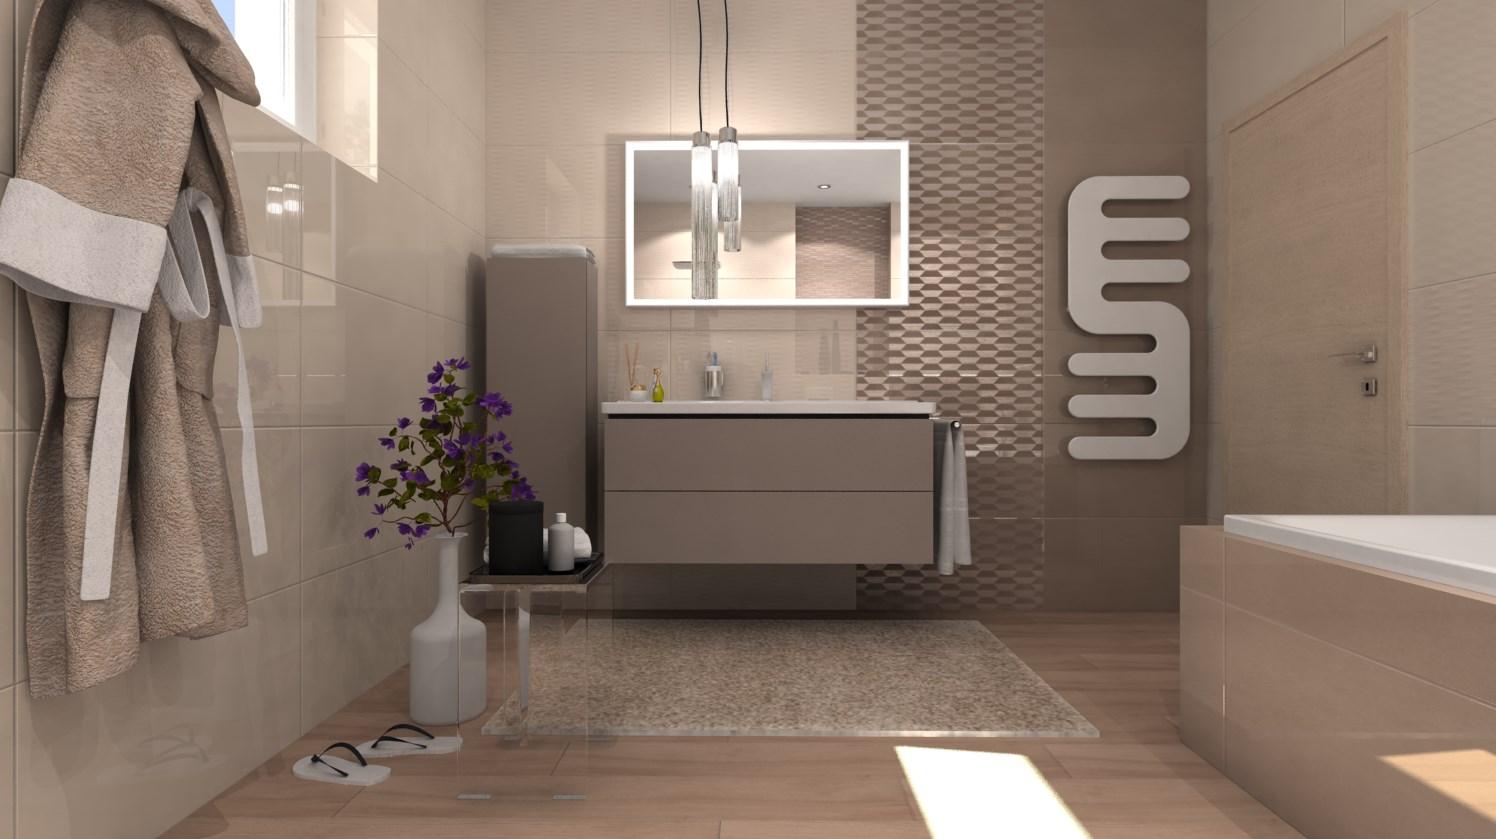 Vizualizácie kúpeľne - Vizualizácia kúpeľne - obklady 40x80 cm